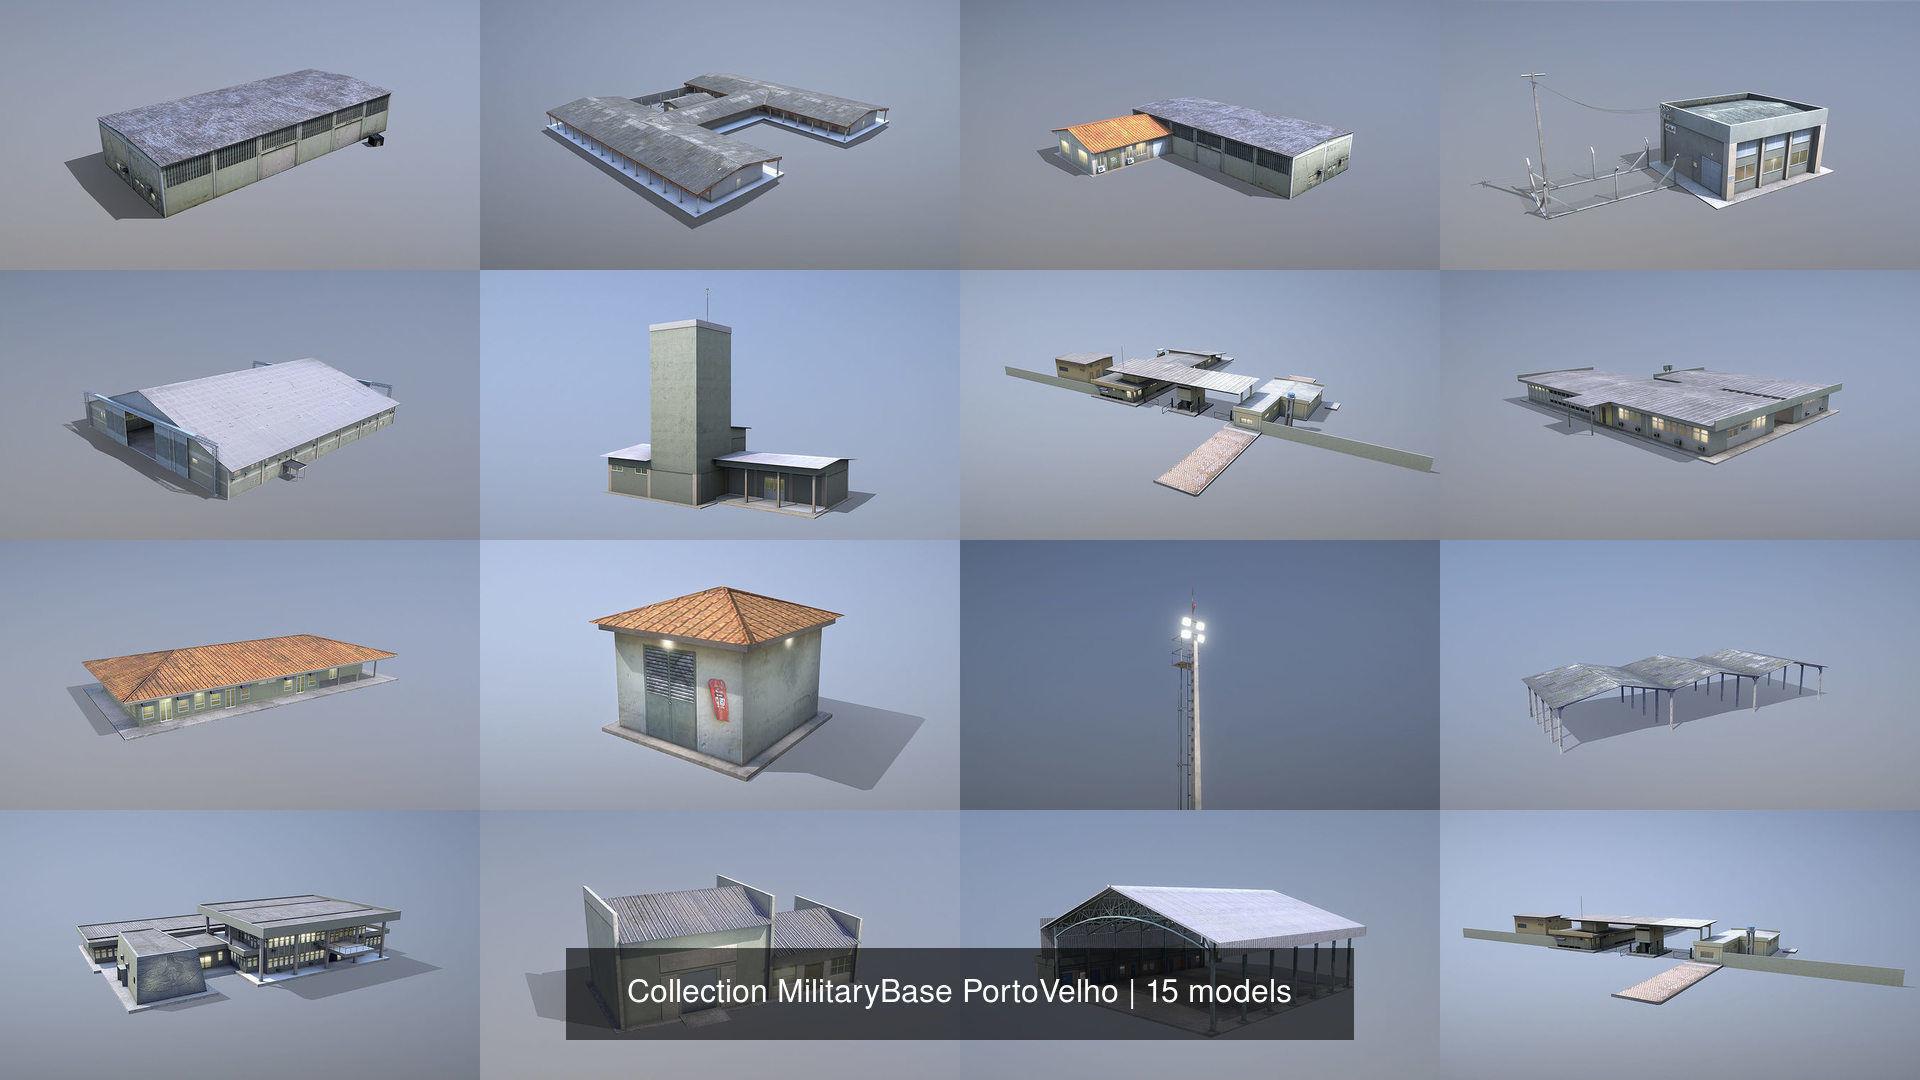 Collection MilitaryBase PortoVelho